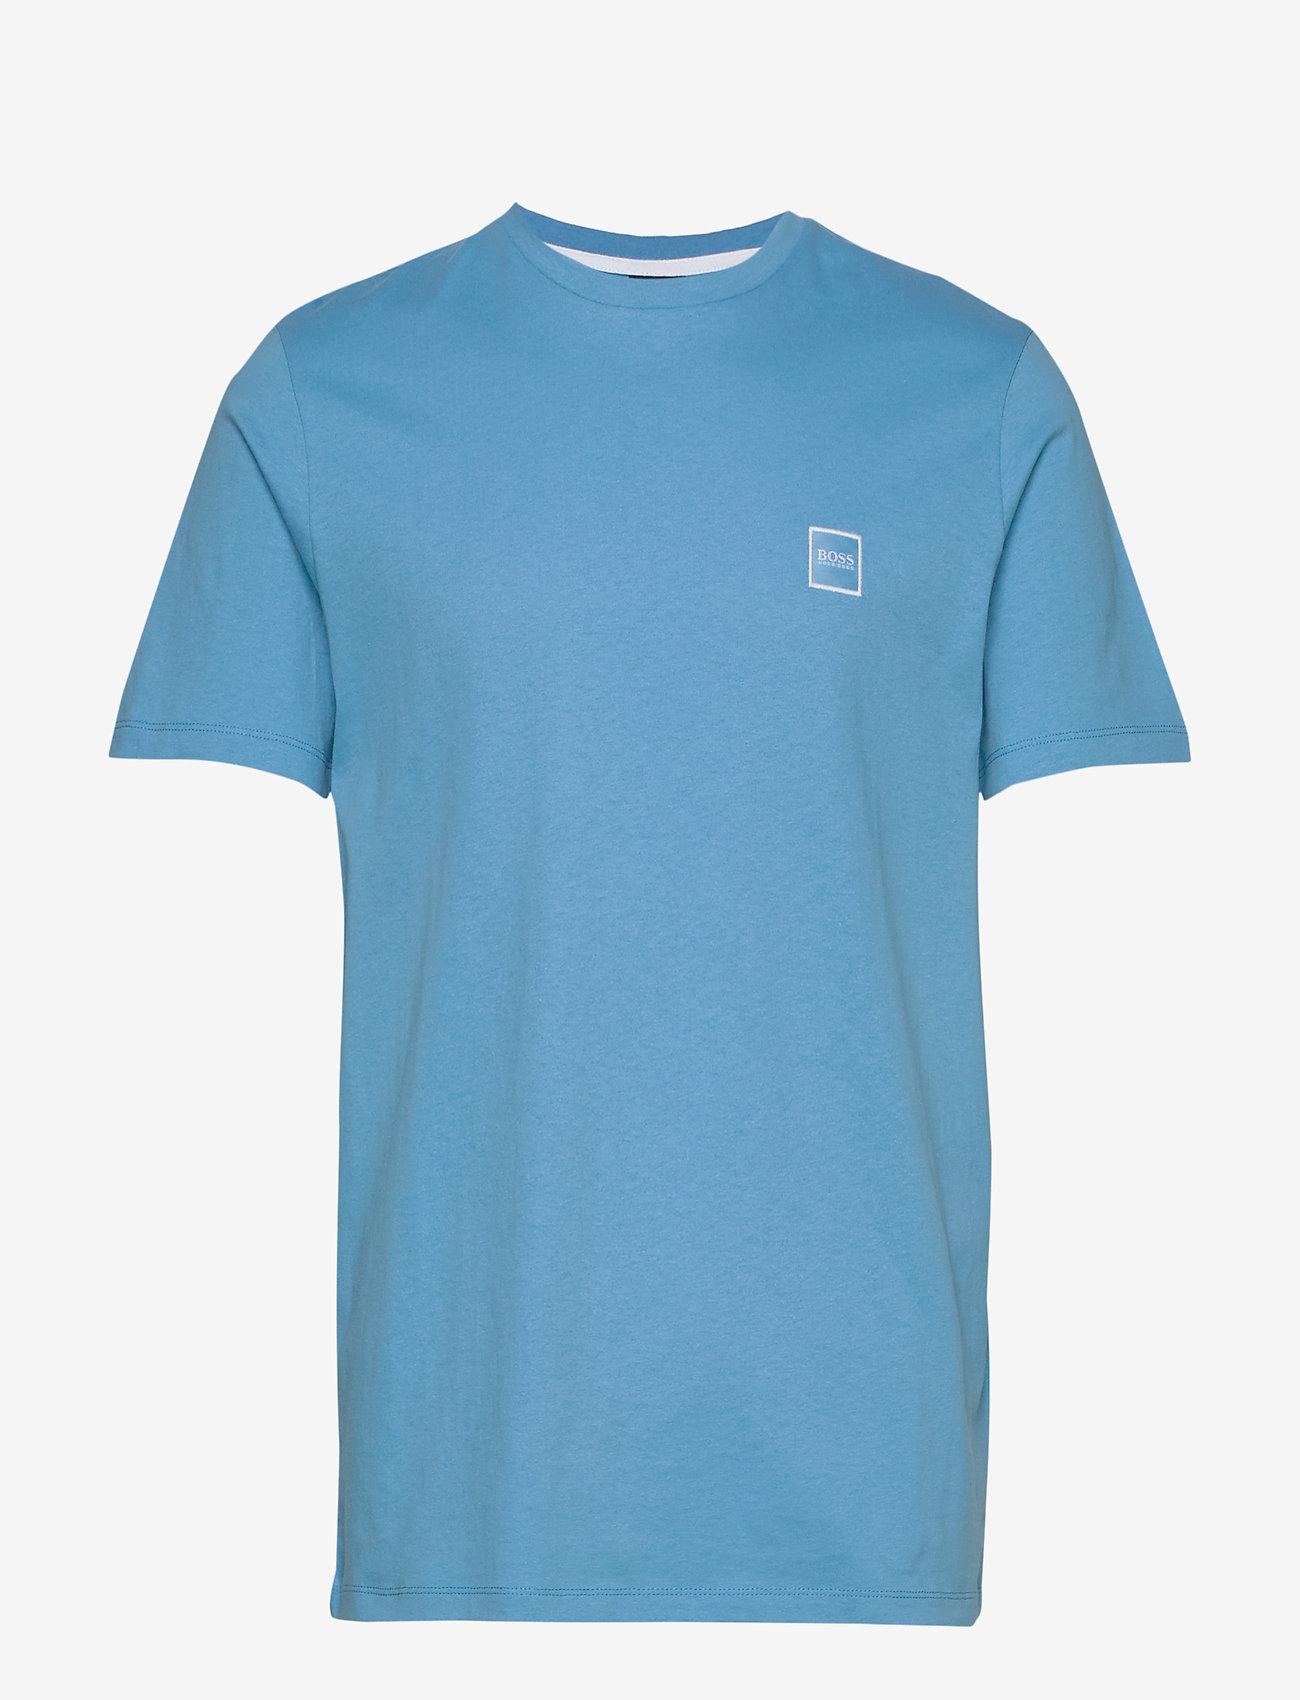 BOSS - Tales - basic t-shirts - turquoise/aqua - 0